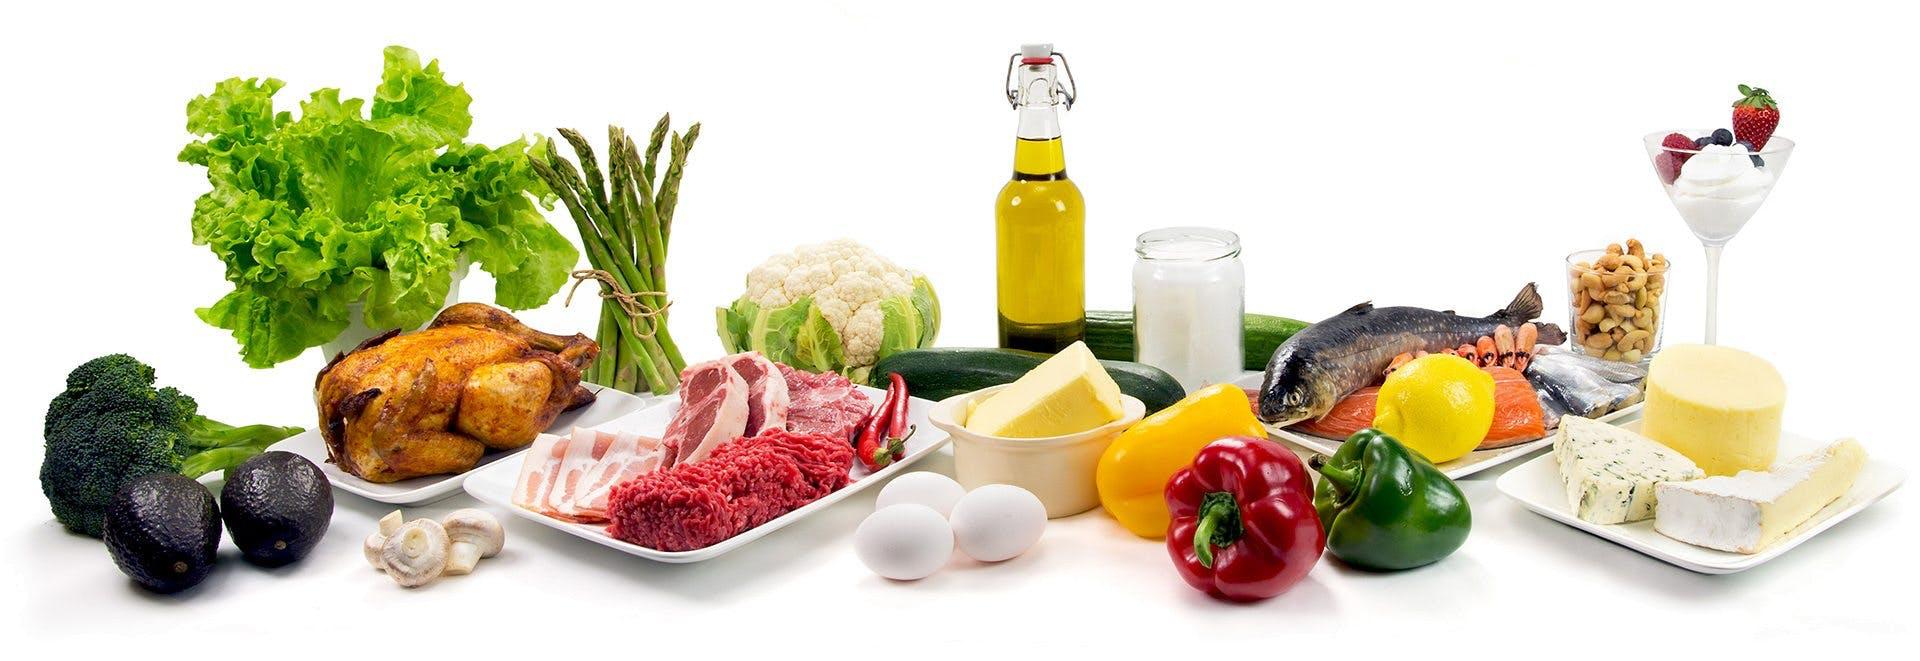 LCHF Food